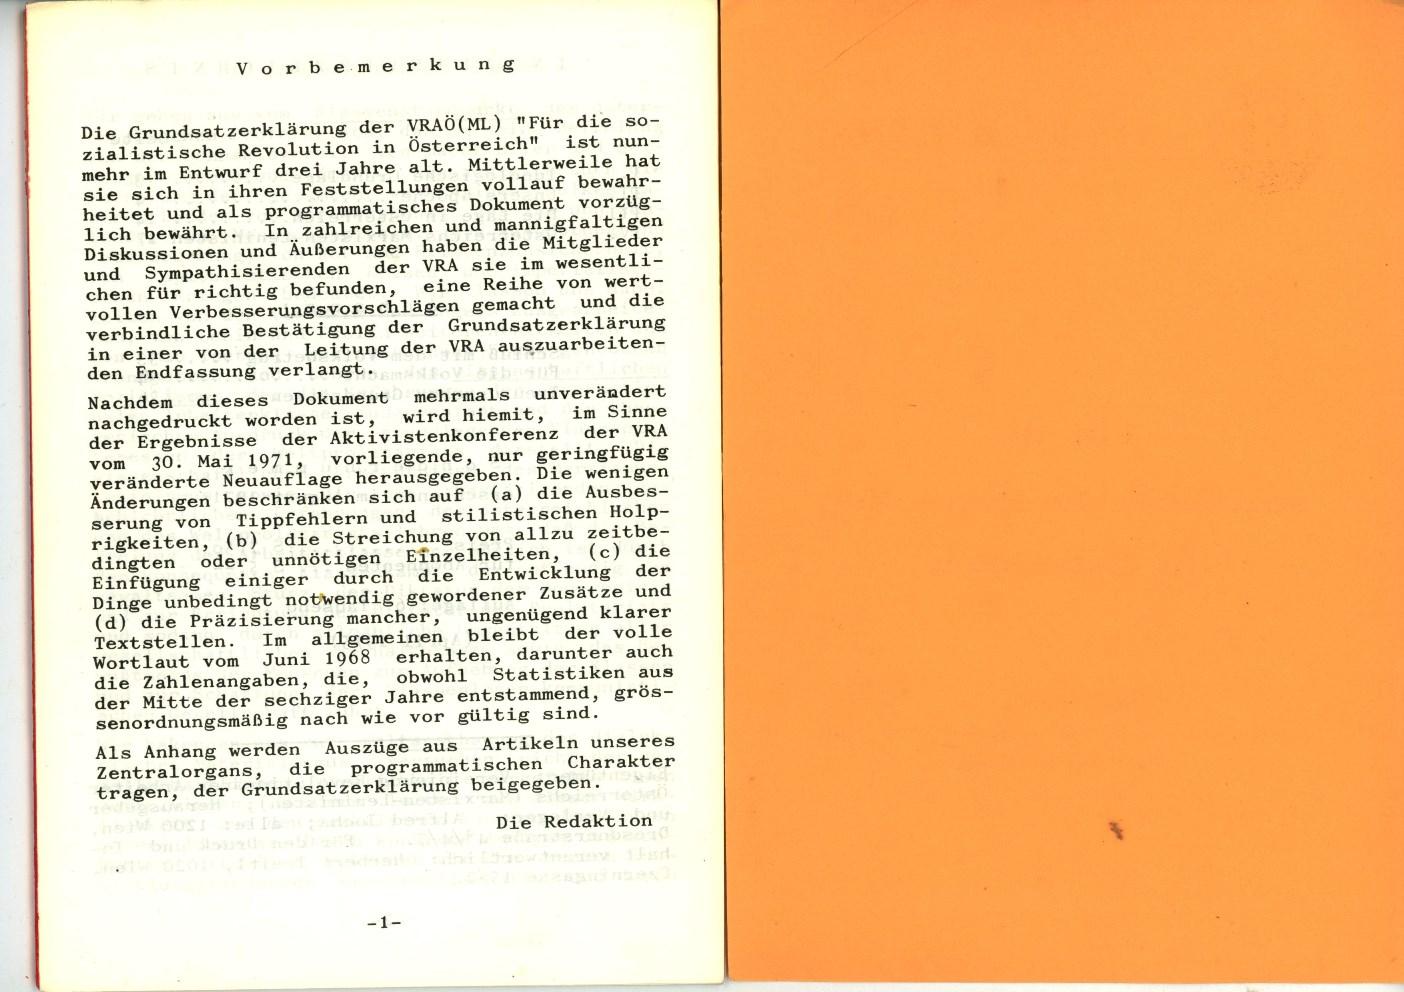 VRA_Grundsatzerklaerung_1971_02